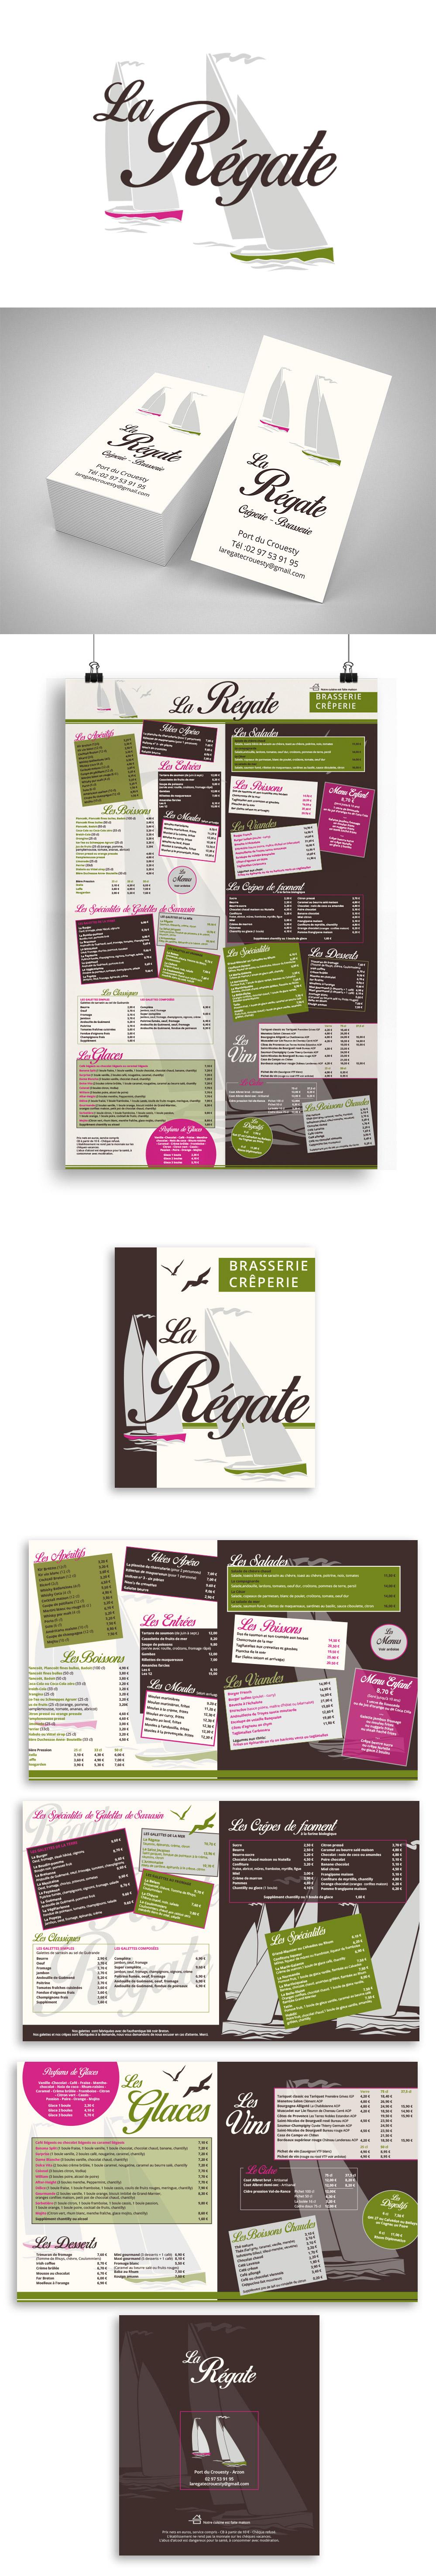 Création Graphique - La Régate - Identité visuelle et menus réalisés par Turkoiz Créations by Valérie Perrodo